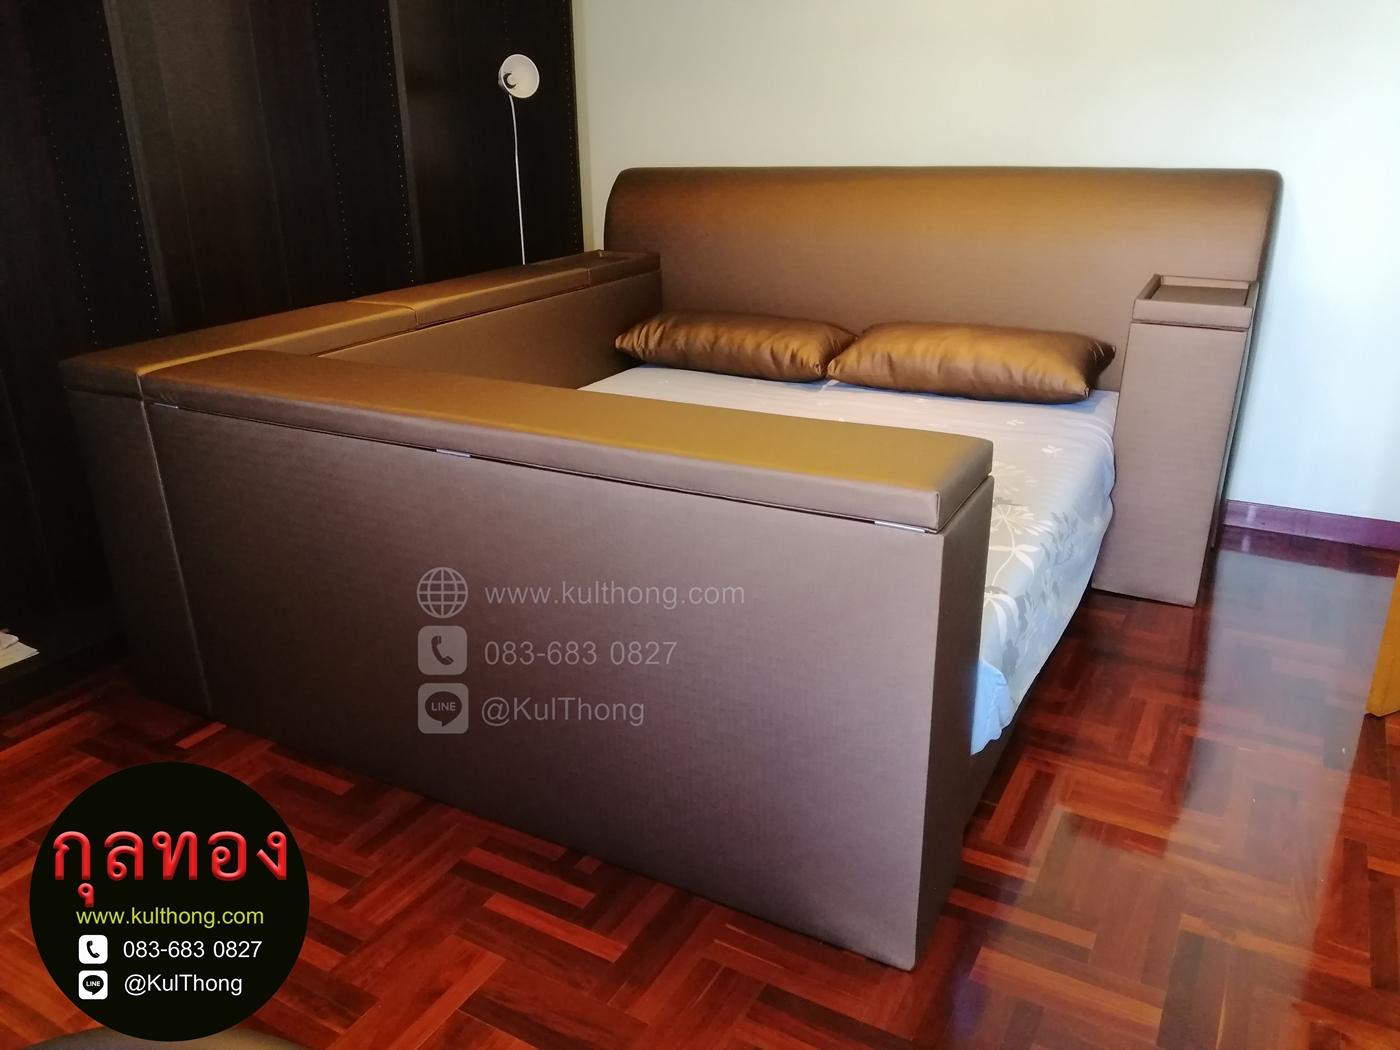 เตียงกล่อง เตียงมีกล่อง เตียงมีฝาเปิด เตียงมีตู้